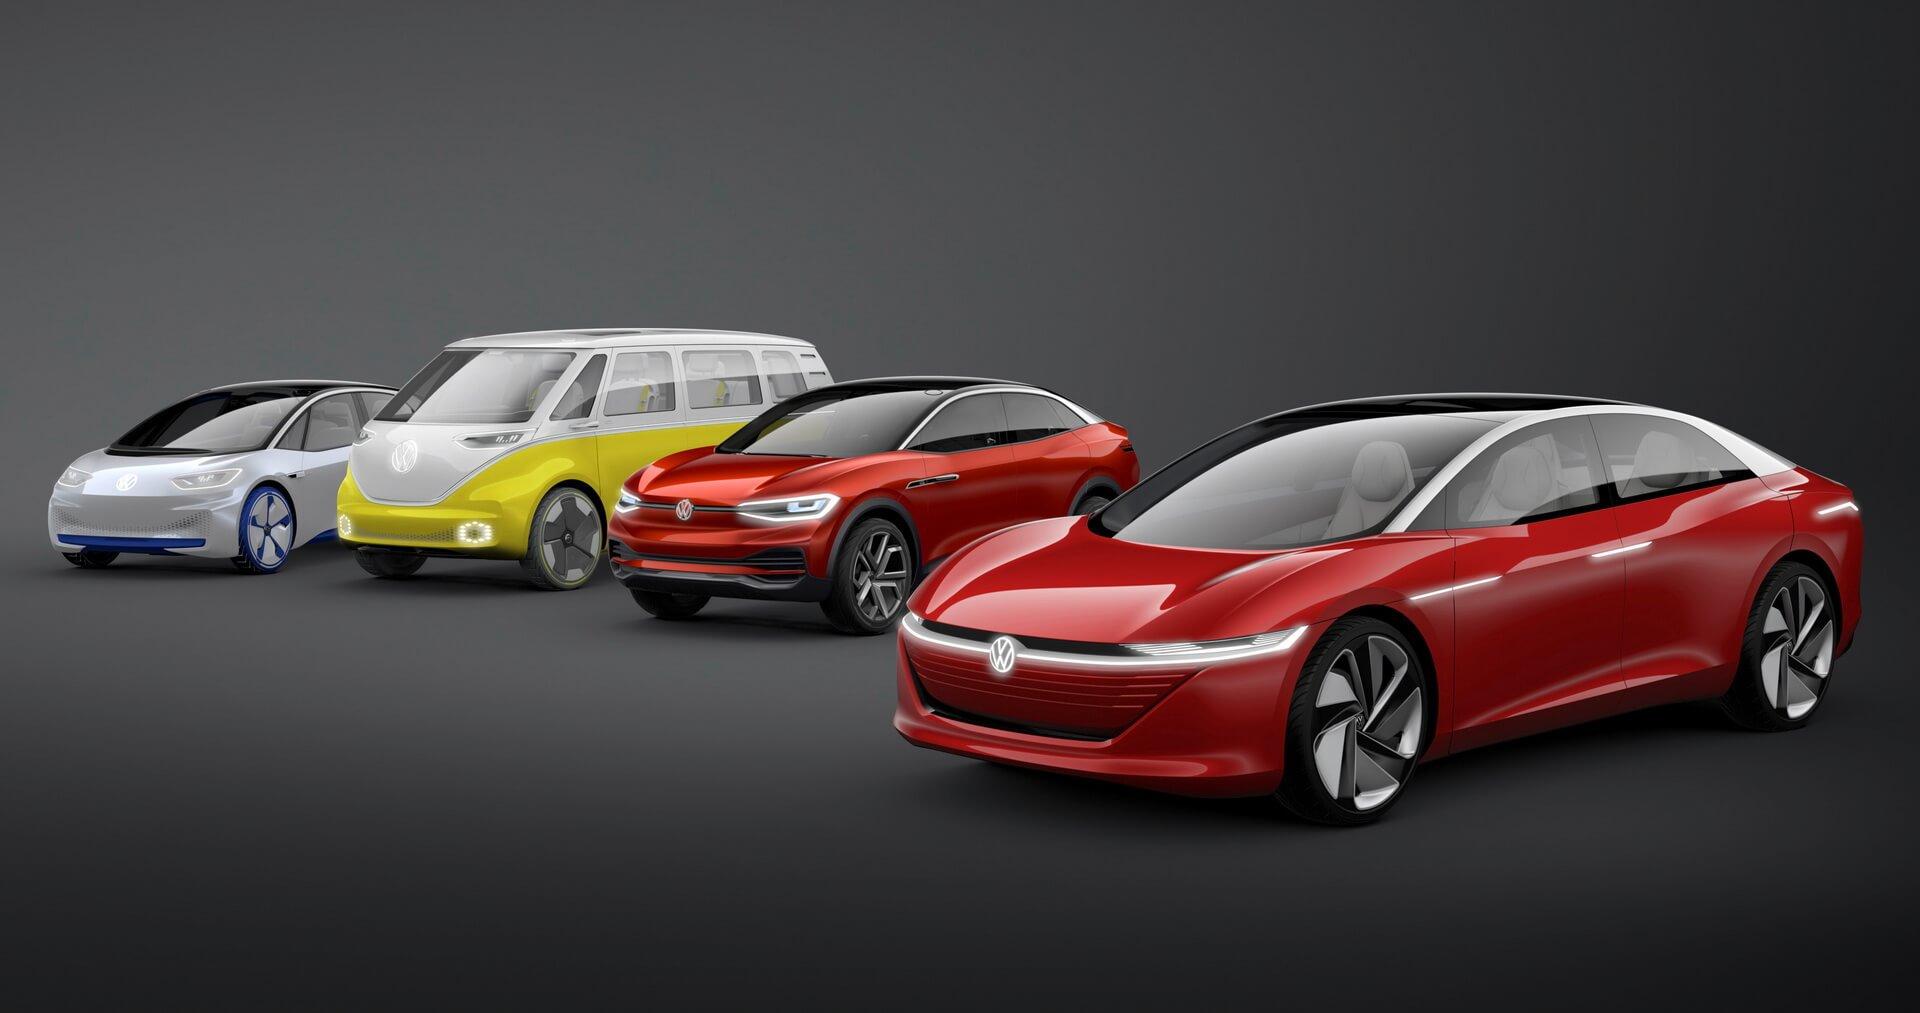 Будущие электромобили Volkswagen изсерии I.D